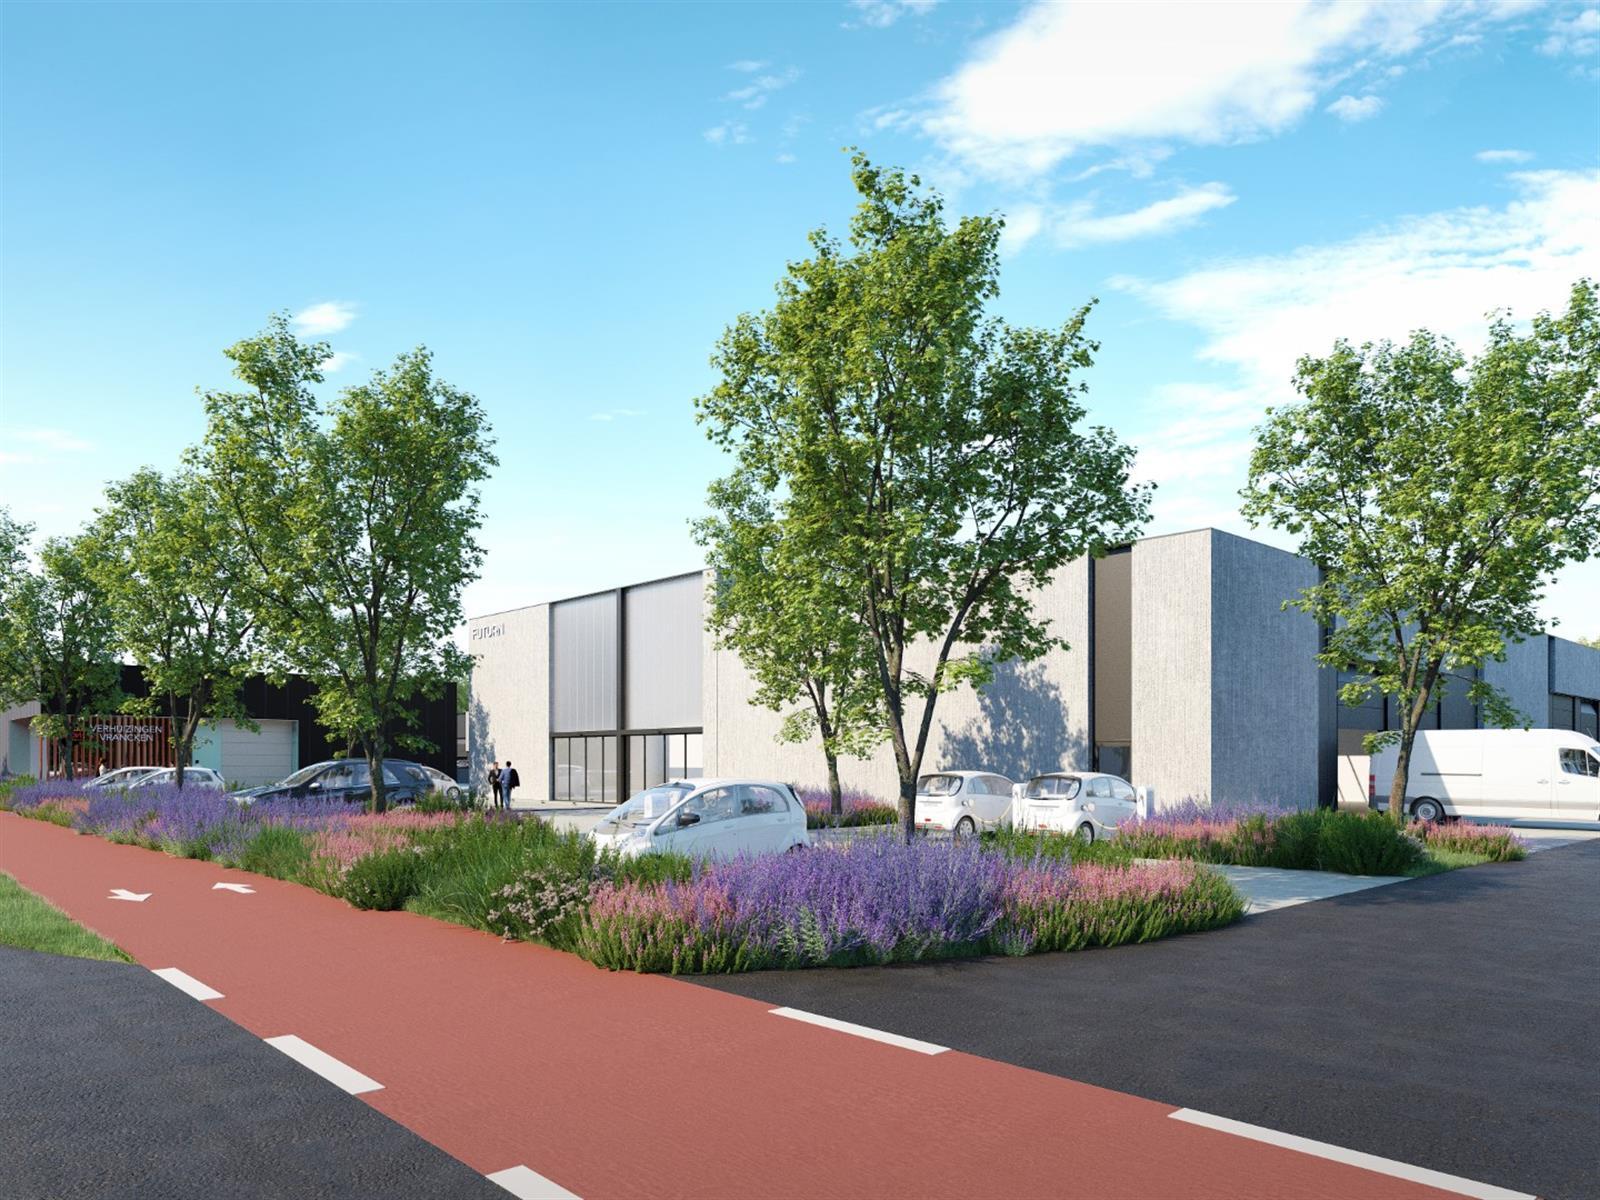 KMO-unit te koop Heros Businesspark KMO Unit 9 - Herkenrodesingel 10, 3500 Hasselt, België 6